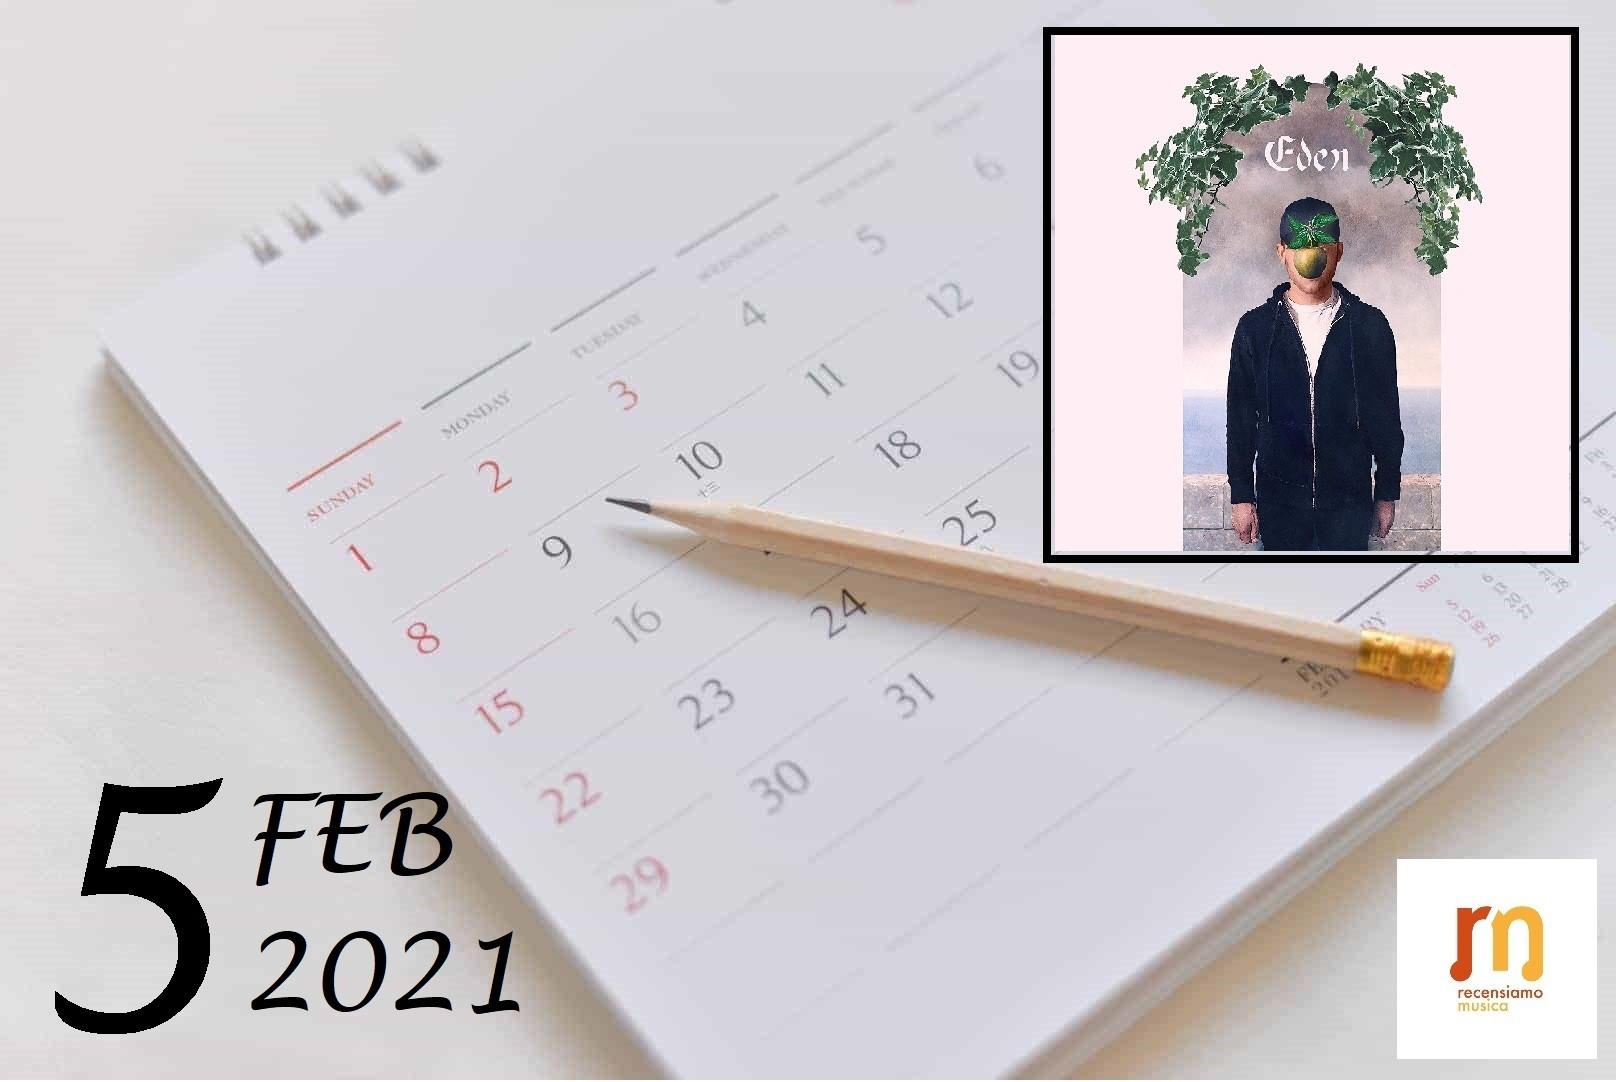 5 febbraio